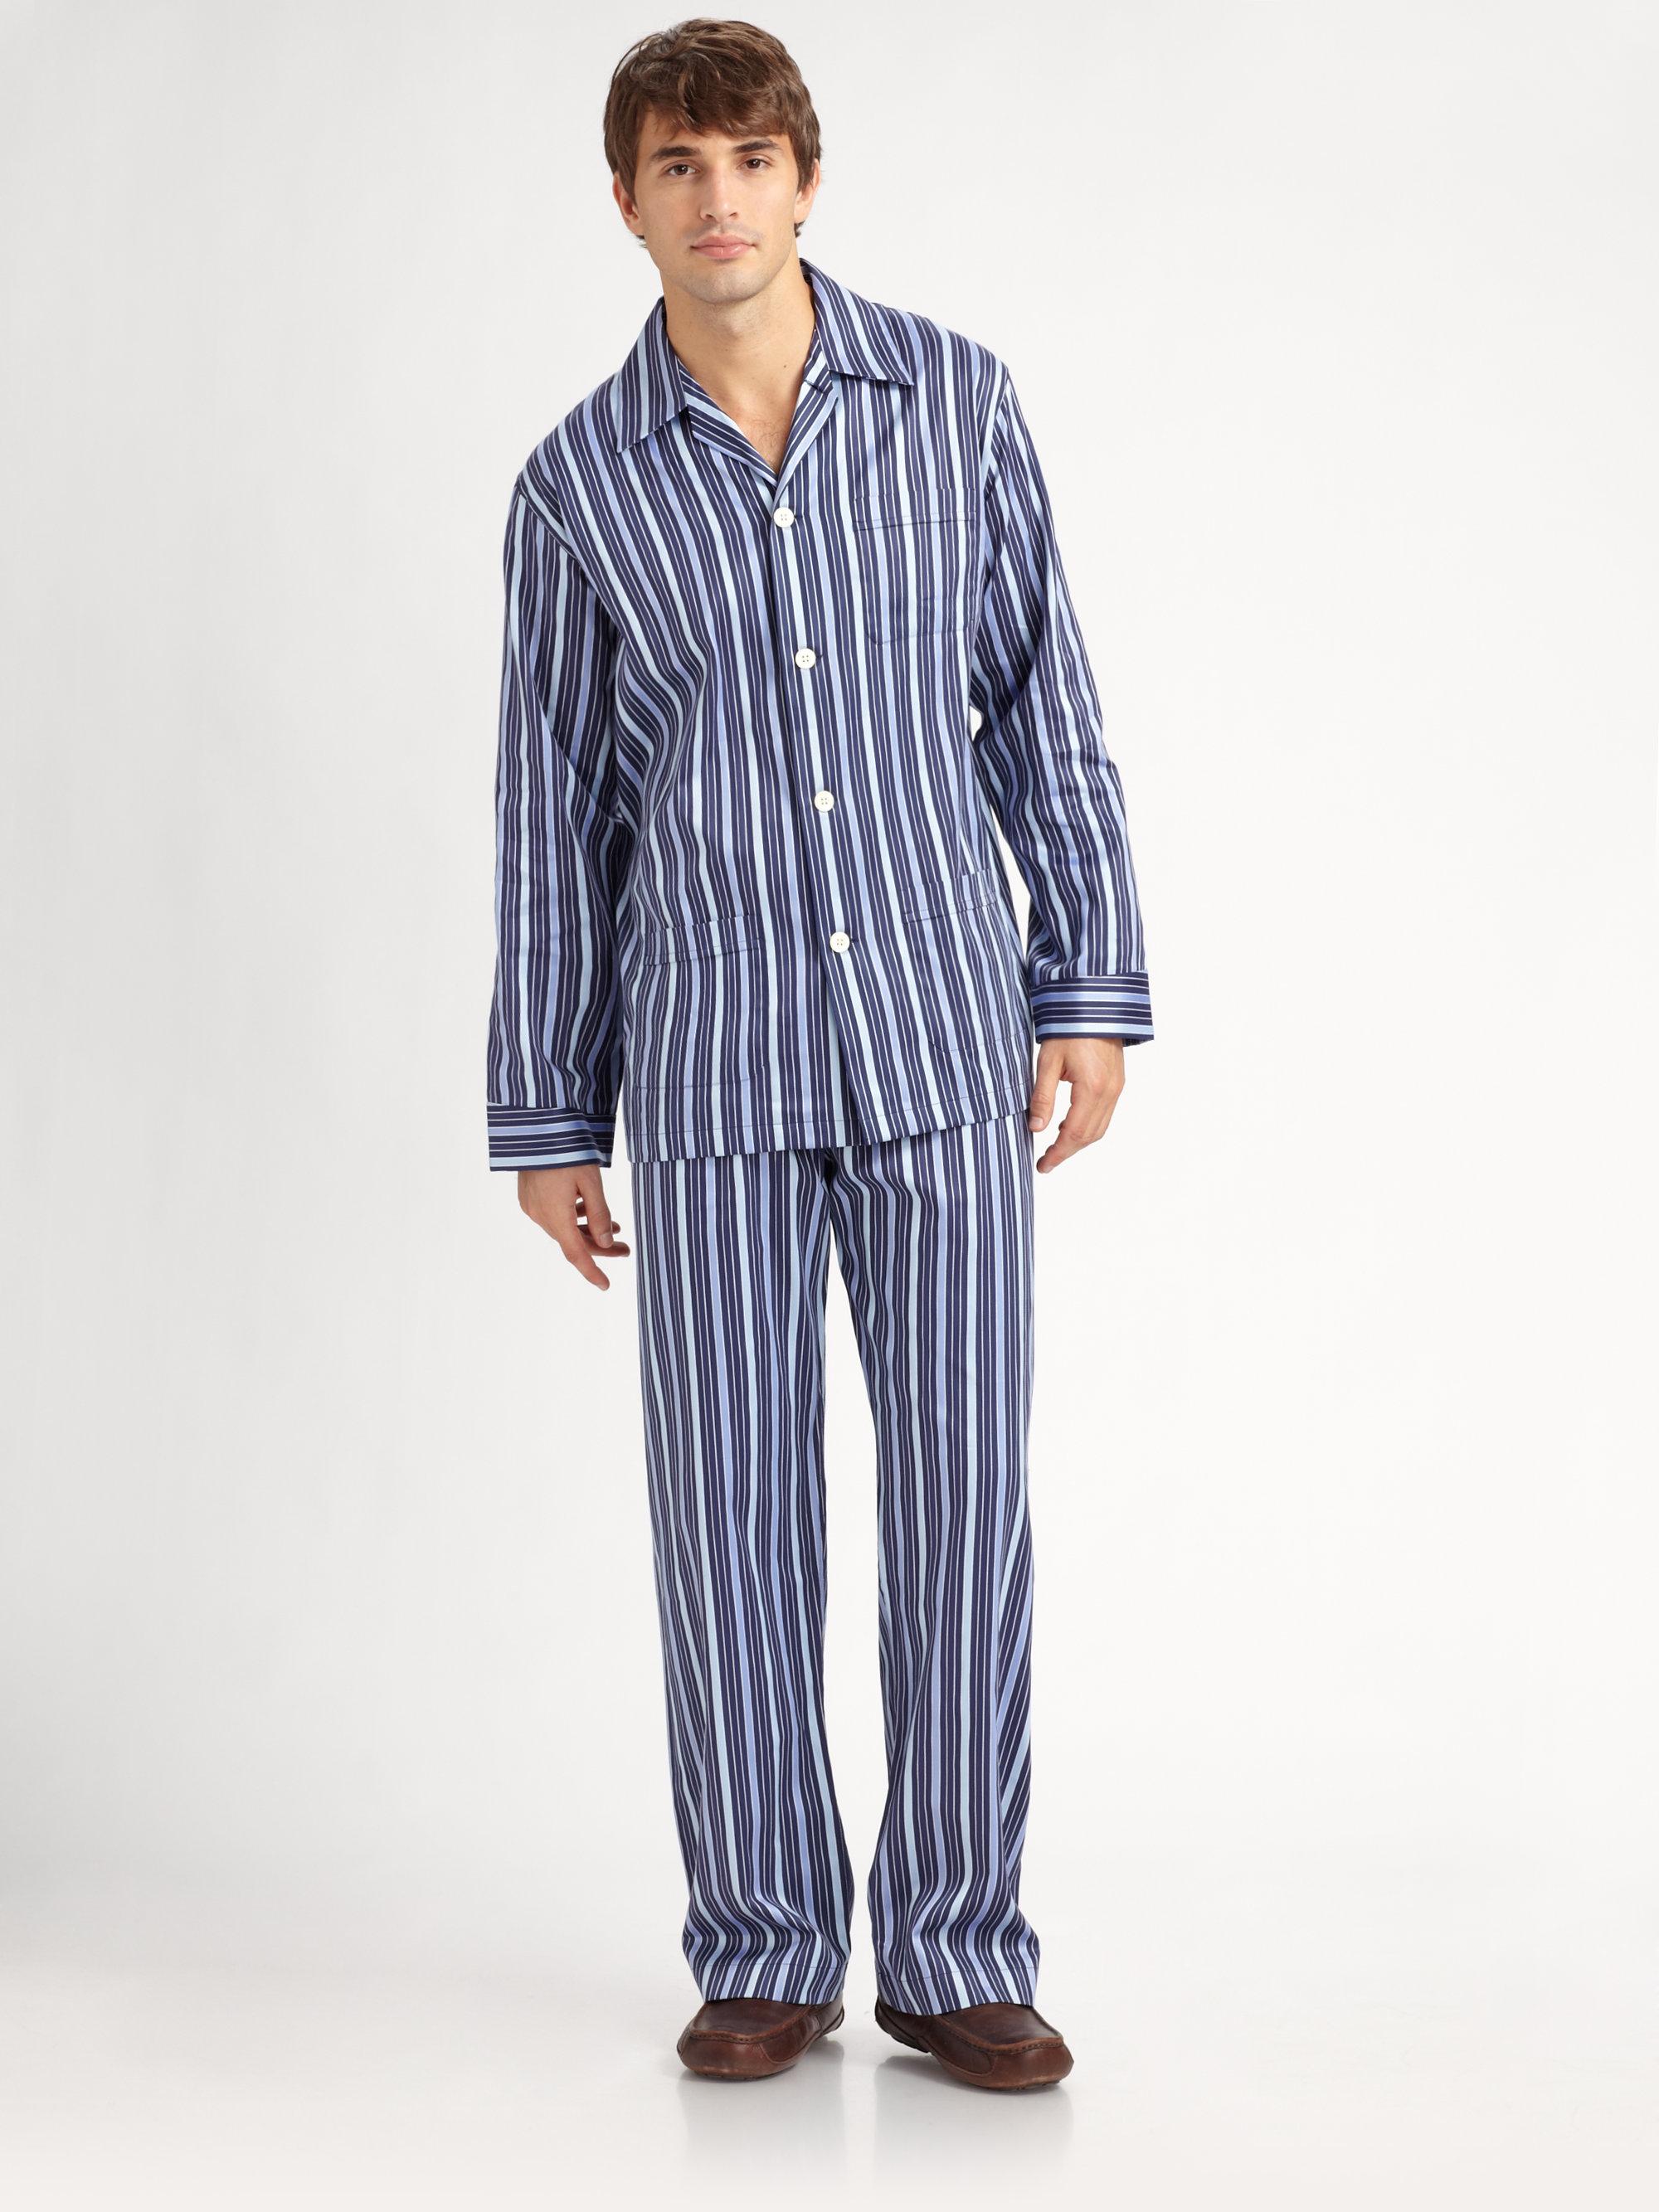 Lyst - Derek Rose Royal Striped Pajamas Set in Blue for Men